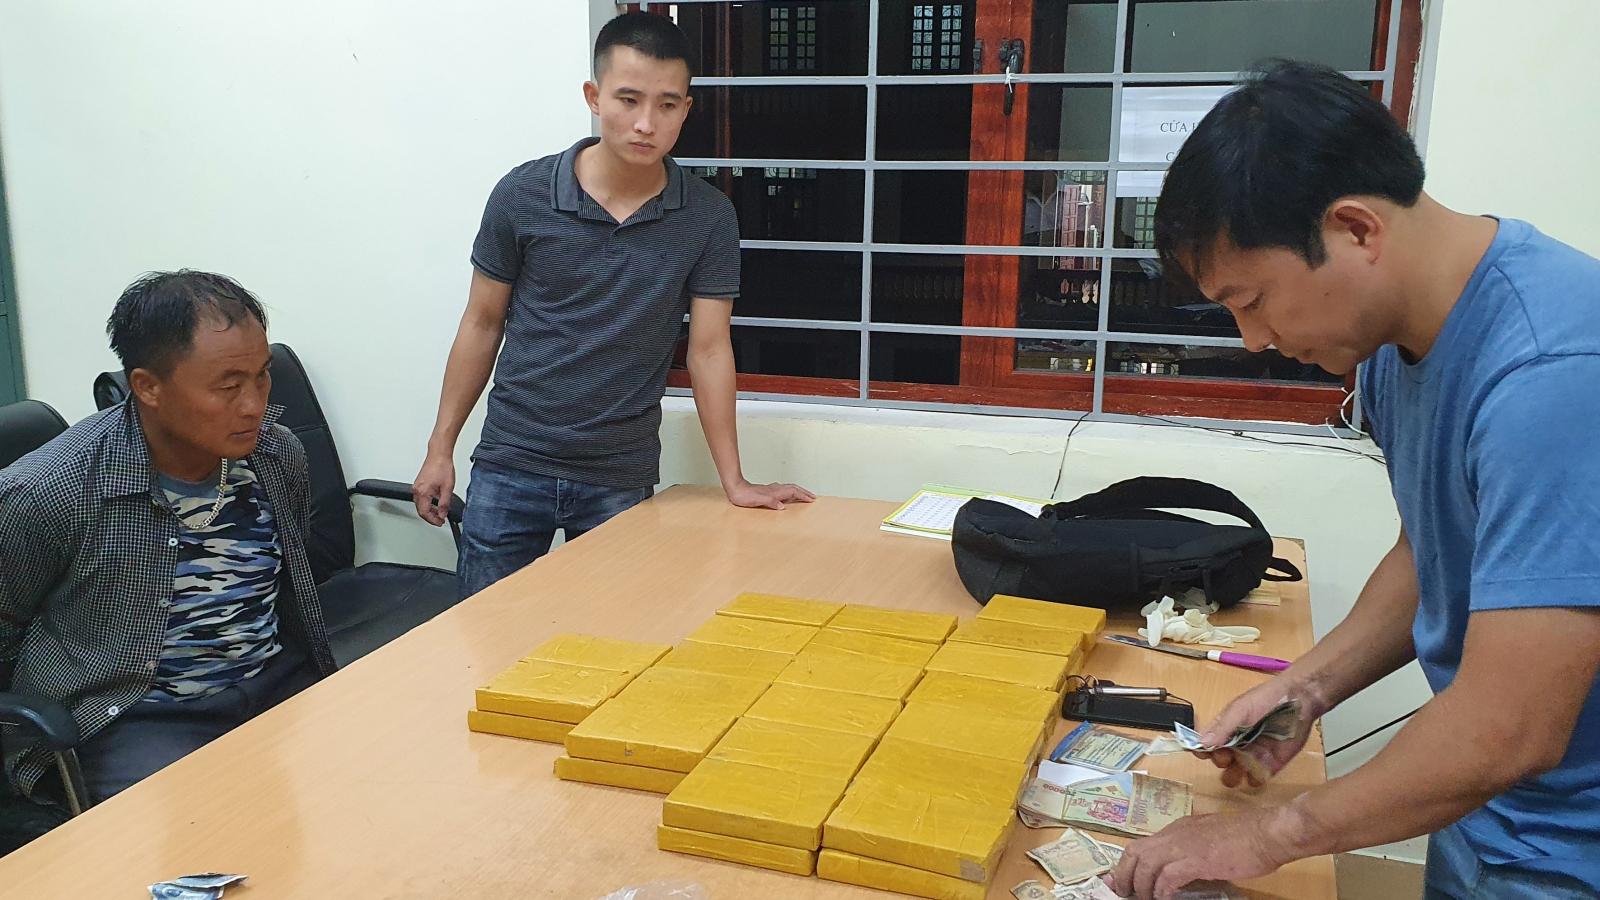 Thay đổi lộ trình để trốn tránh, đối tượng mang theo 40 bánh heroin vẫn bị bắt giữ